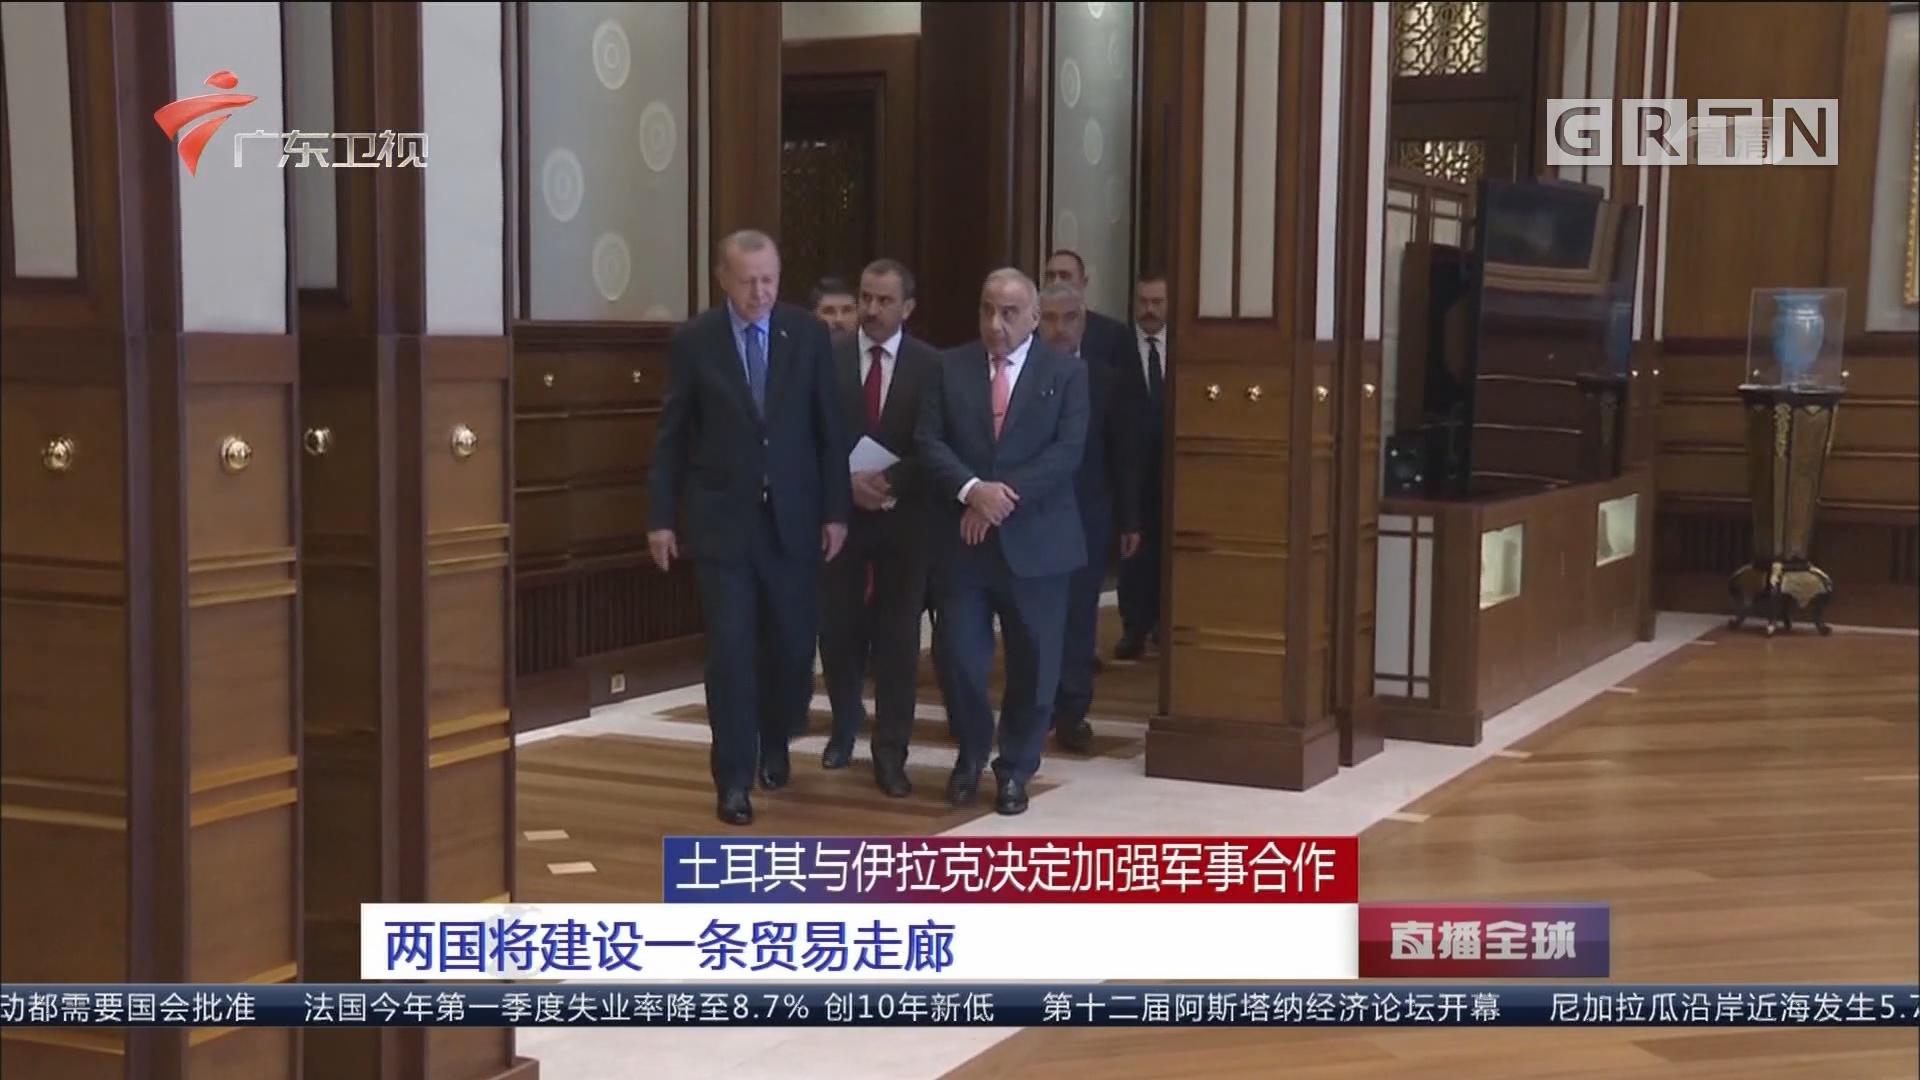 土耳其与伊拉克决定加强军事合作:两国将建设一条贸易走廊